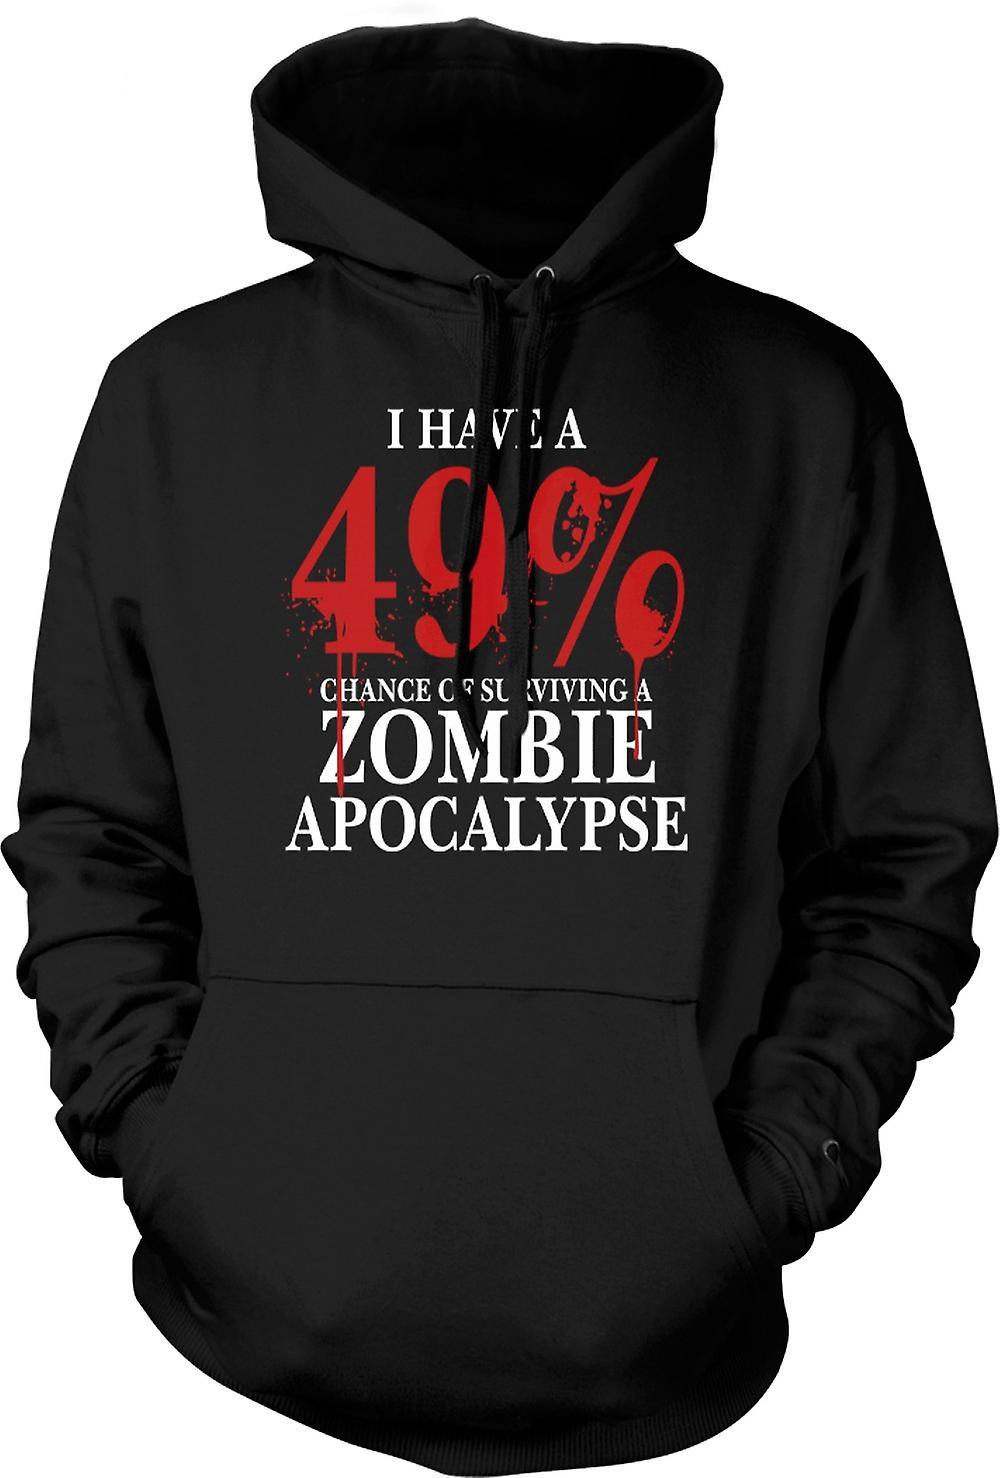 Mens hettegenser - Zombie Apocalypse 49% - Horror Funny